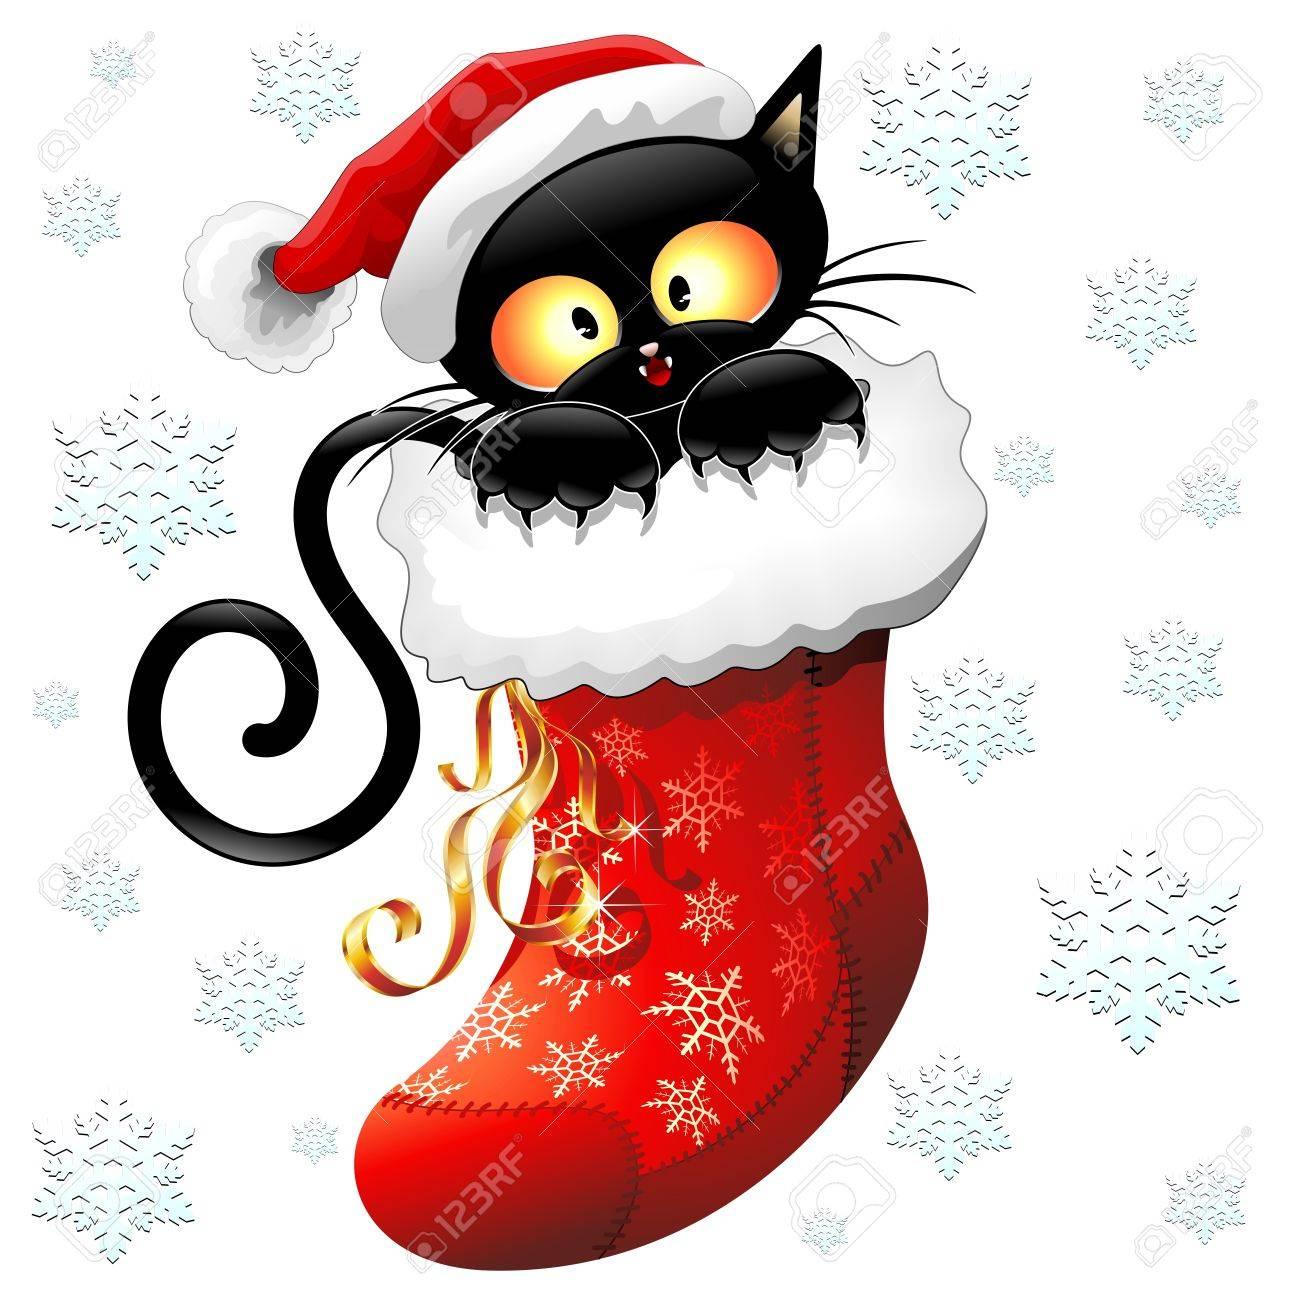 Cat Christmas Stockings.Cat Cartoon On Christmas Stocking